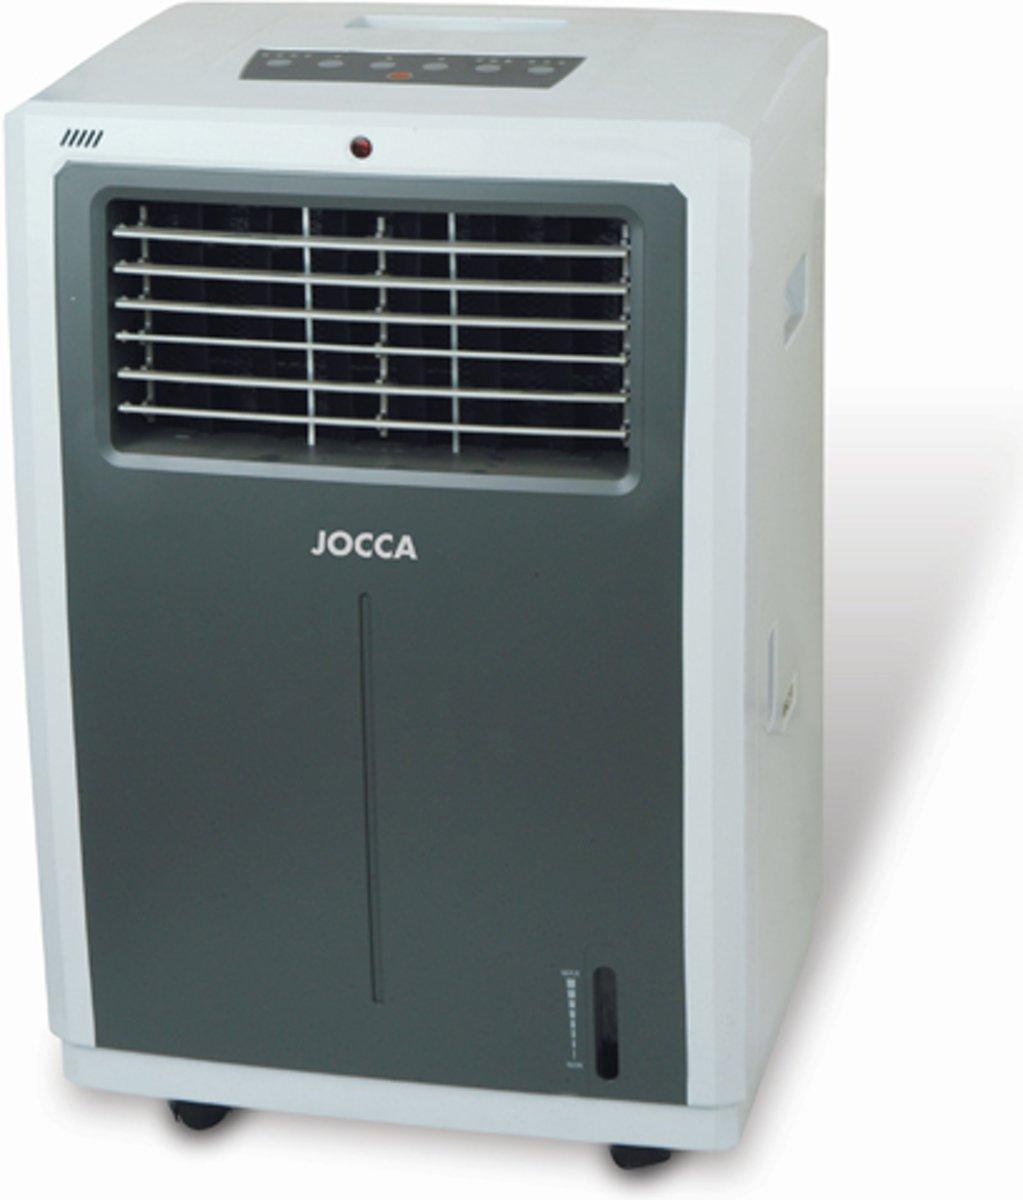 Jocca Luchtreiniger - Luchtkoeler kopen